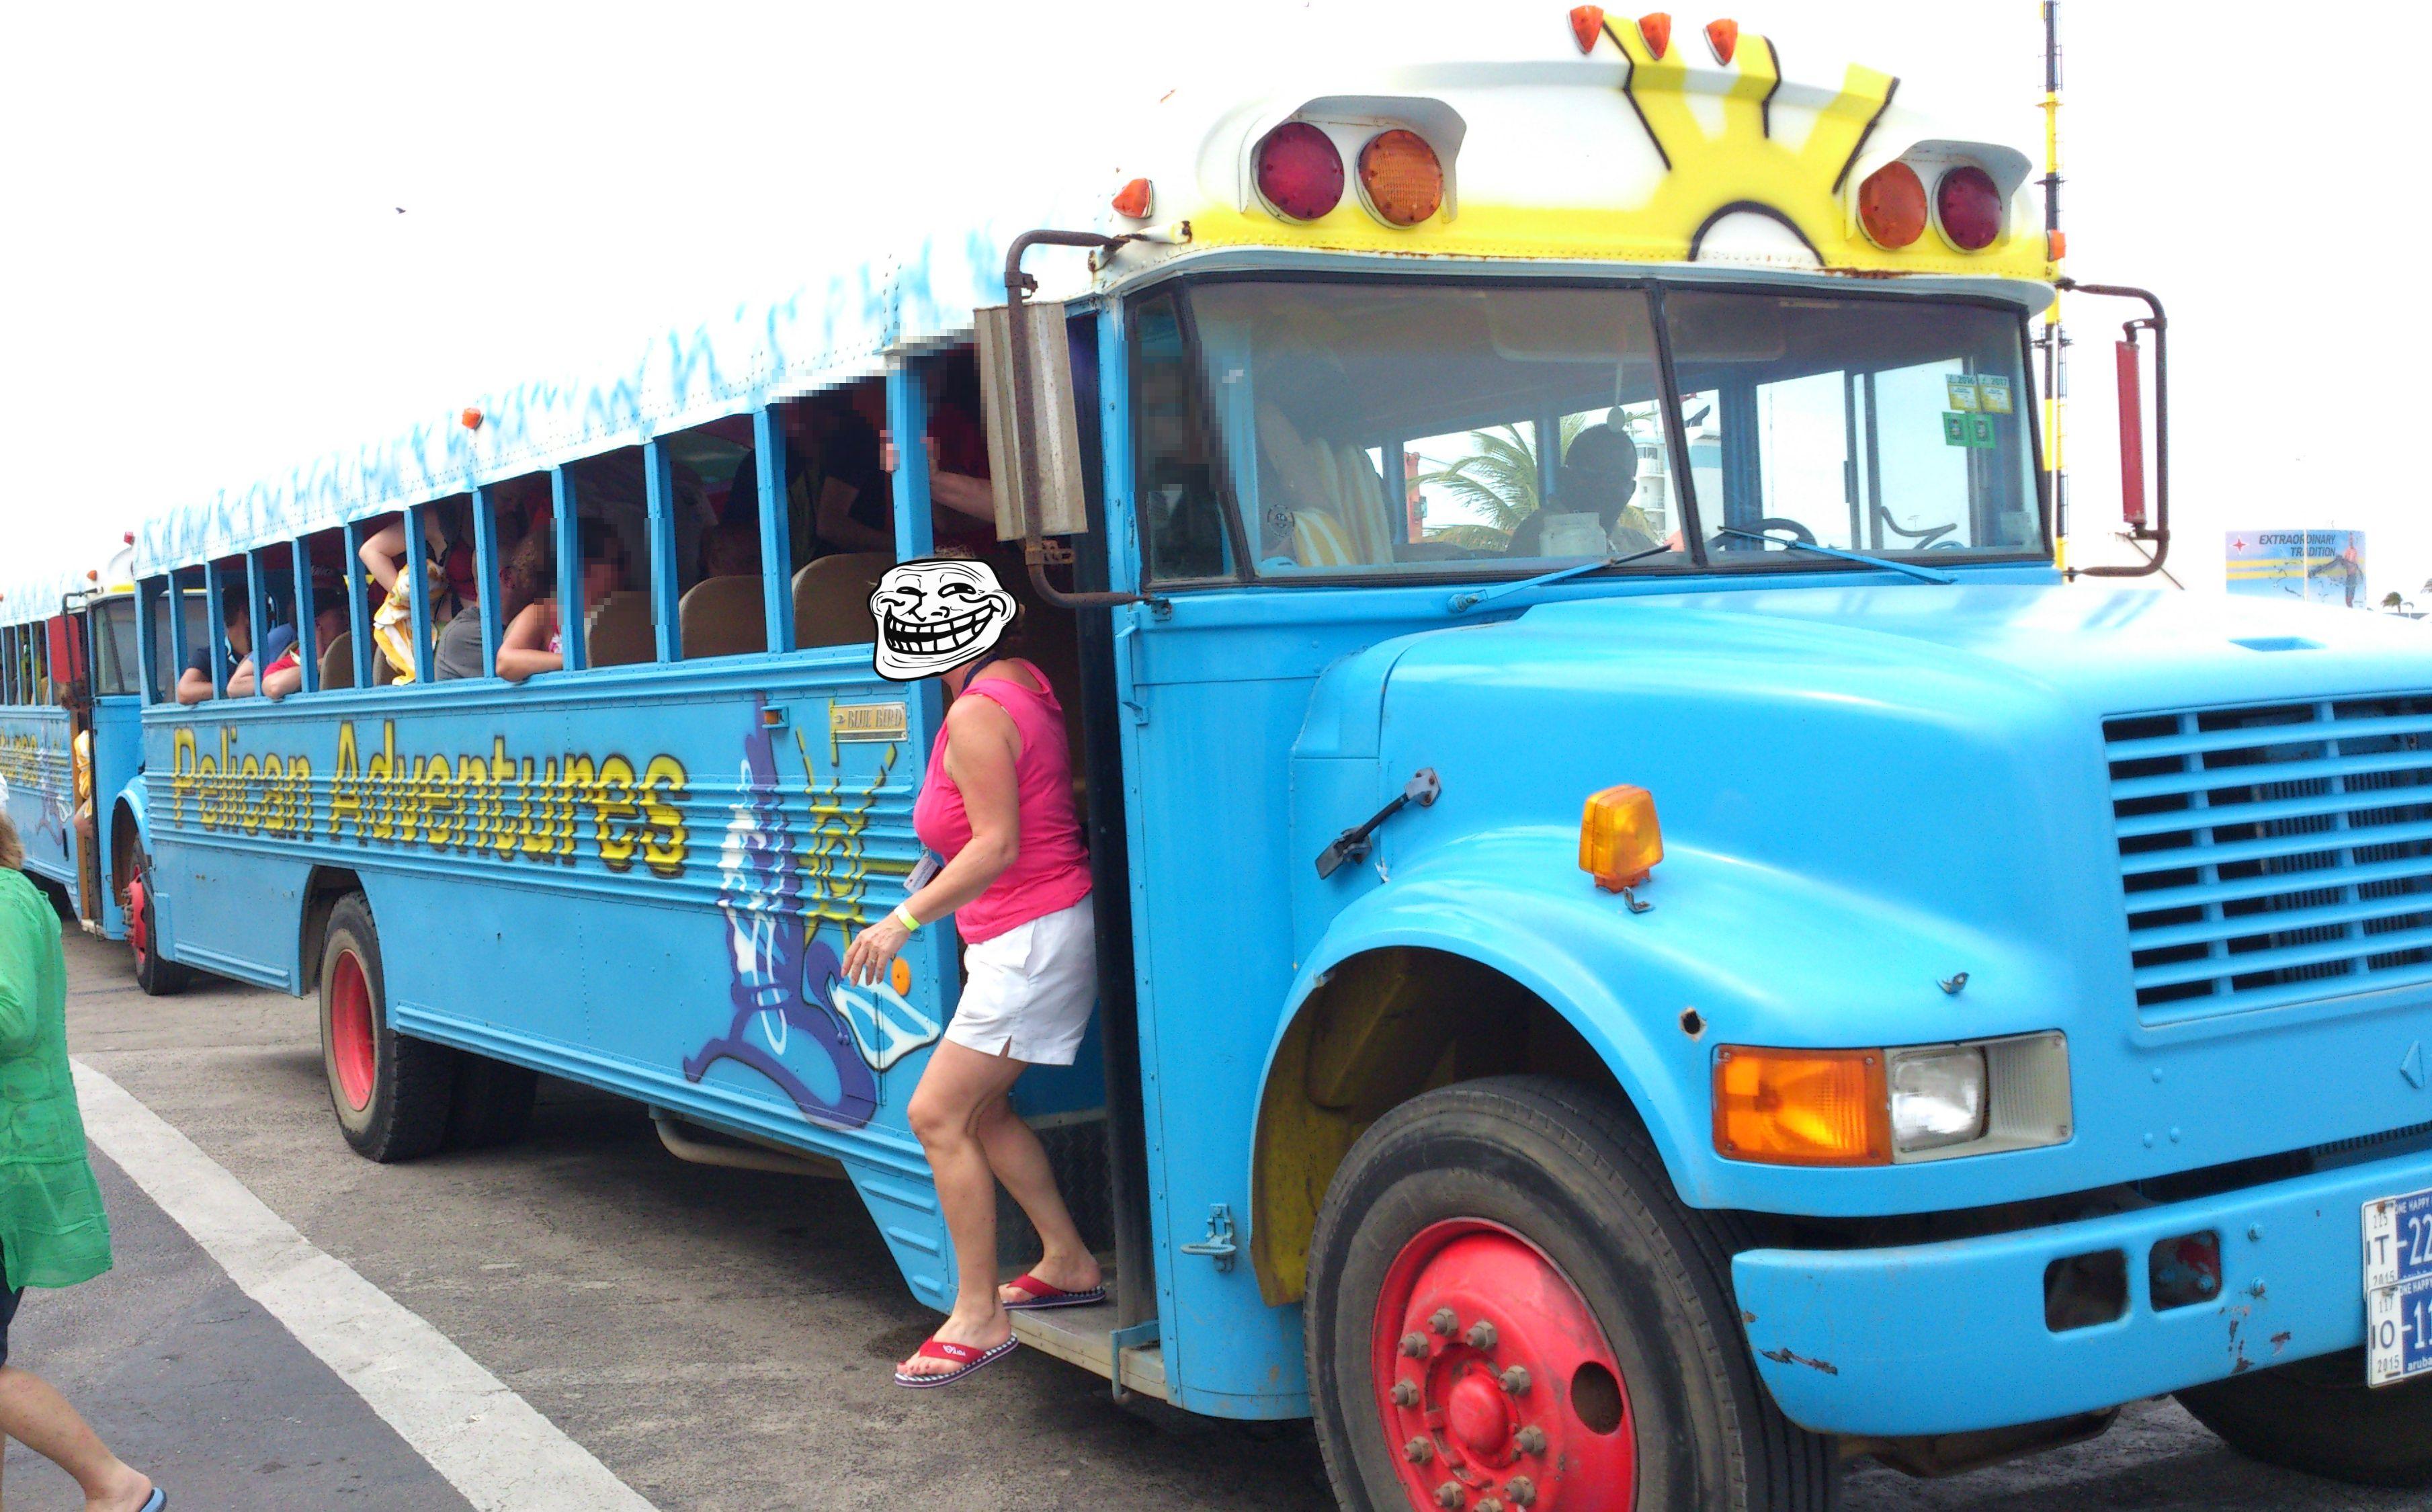 Aruba - ganz normale transfer Busse. Ein Traum. Und die Klimaanlage funktioniert auch immer - während der fahrt.... weil keine Fenster eingebaut sind...